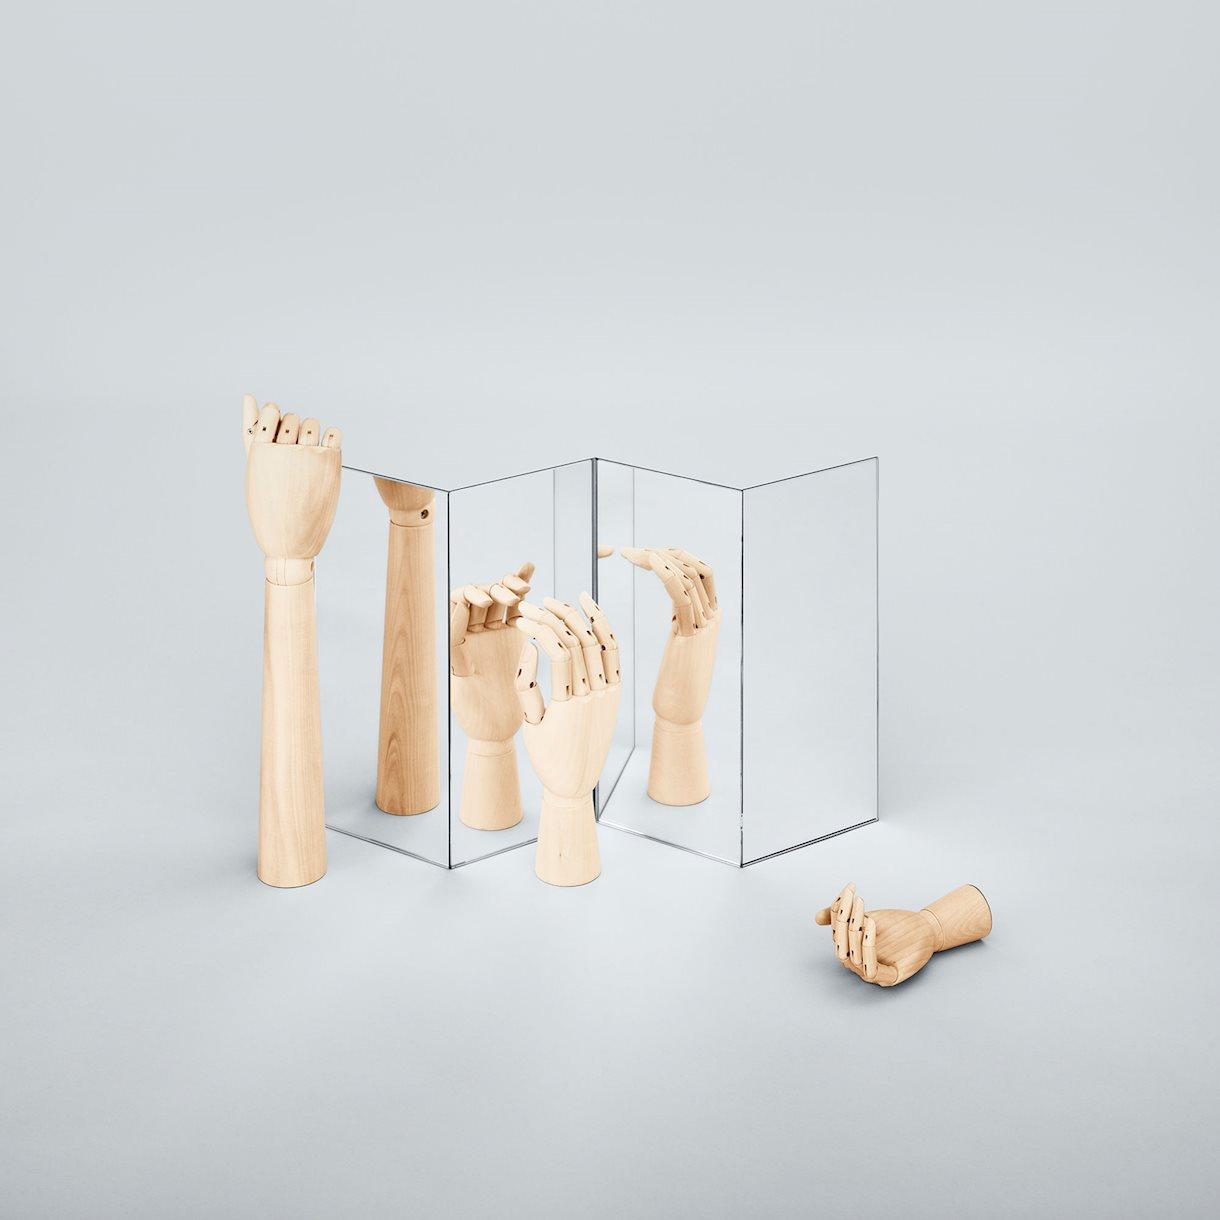 10 deko artikel die interior stylisten lieben for Accessoires decoratifs maison